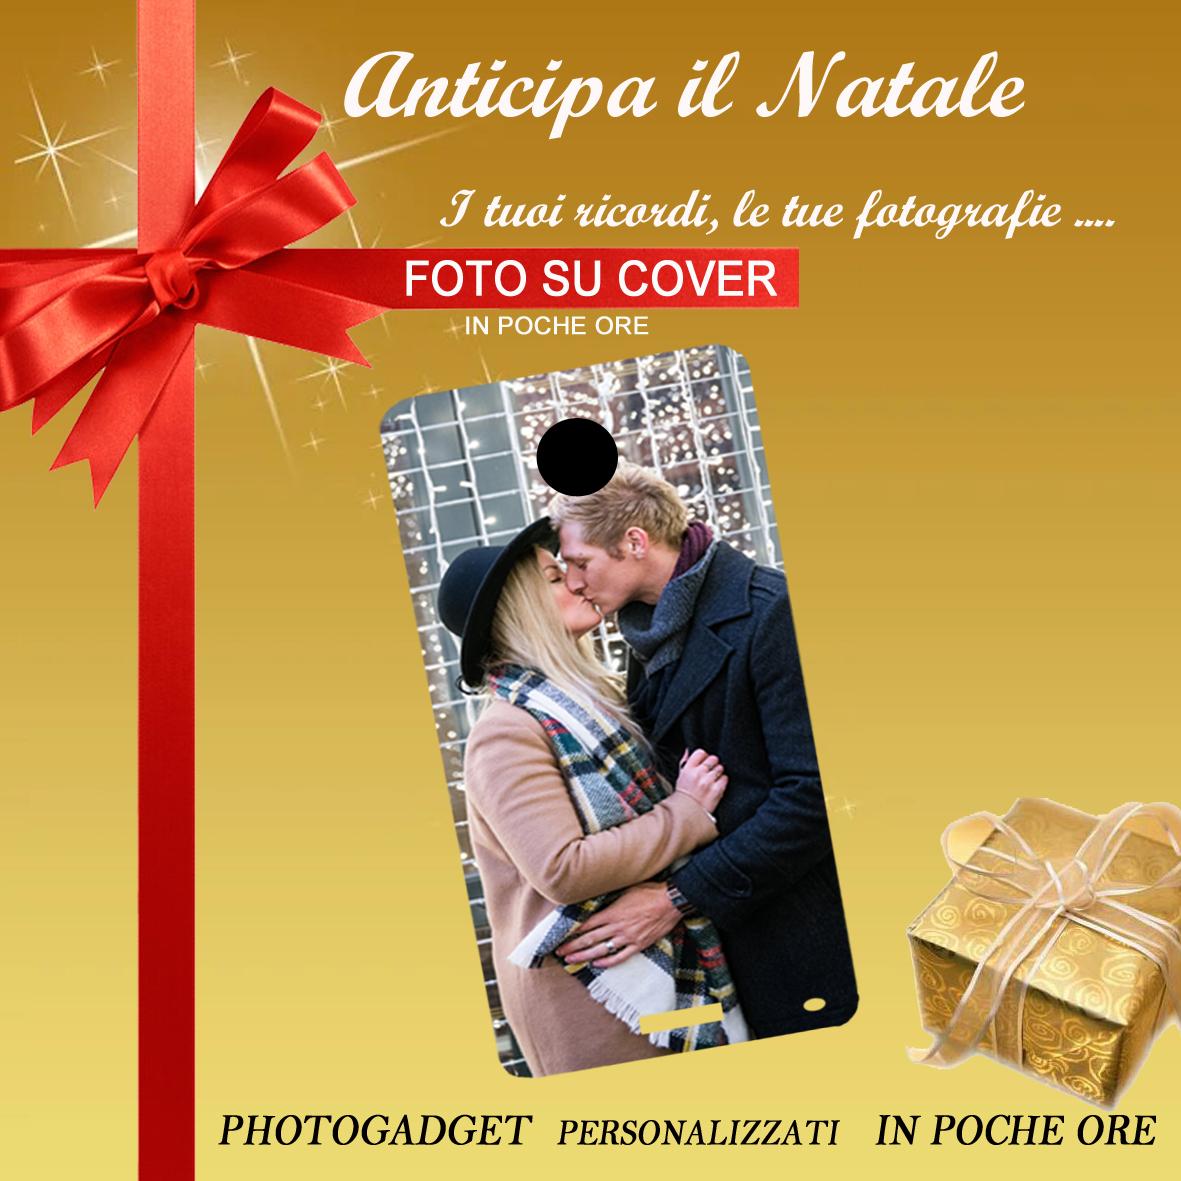 FOTO SU COVER PER CELLULARE A BOLOGNA E SAN LAZZARO DI SAVENA. FOTO IDEA REGALO PERSONALIZZATA PER NATALE